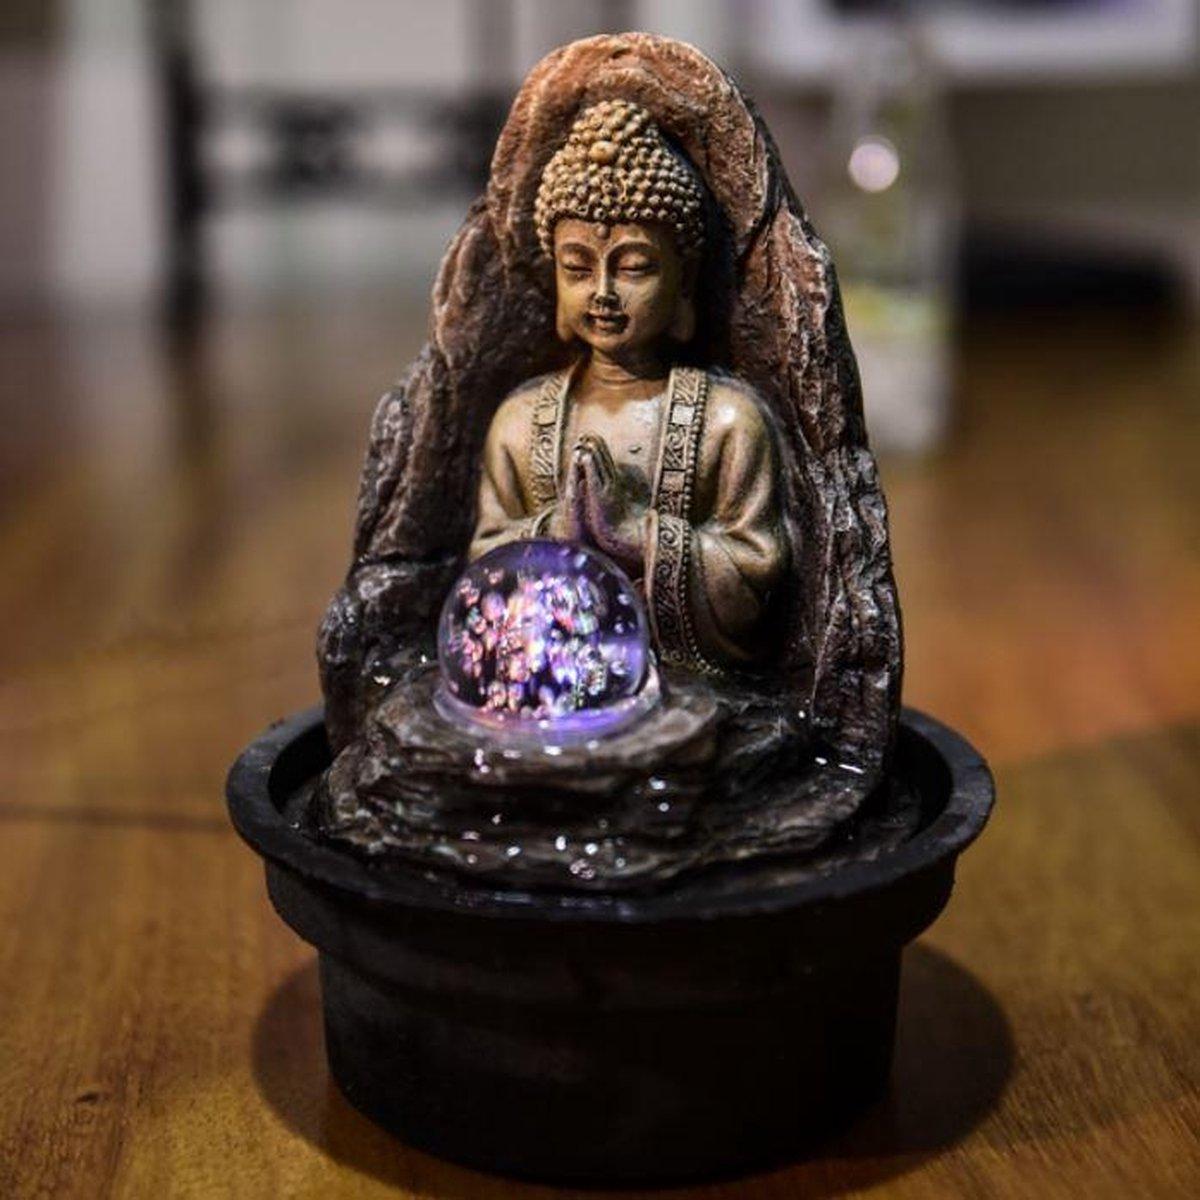 Fontein Peace Boeddha 21 cm - interieur - fontein voor binnen - relaxeer - zen - waterornament - cadeau - geschenk - relatiegeschenk - kerst - nieuwjaar - verjaardag - origineel - lente - zomer - lentecollectie - zomercollectie - afkoeling - koelte